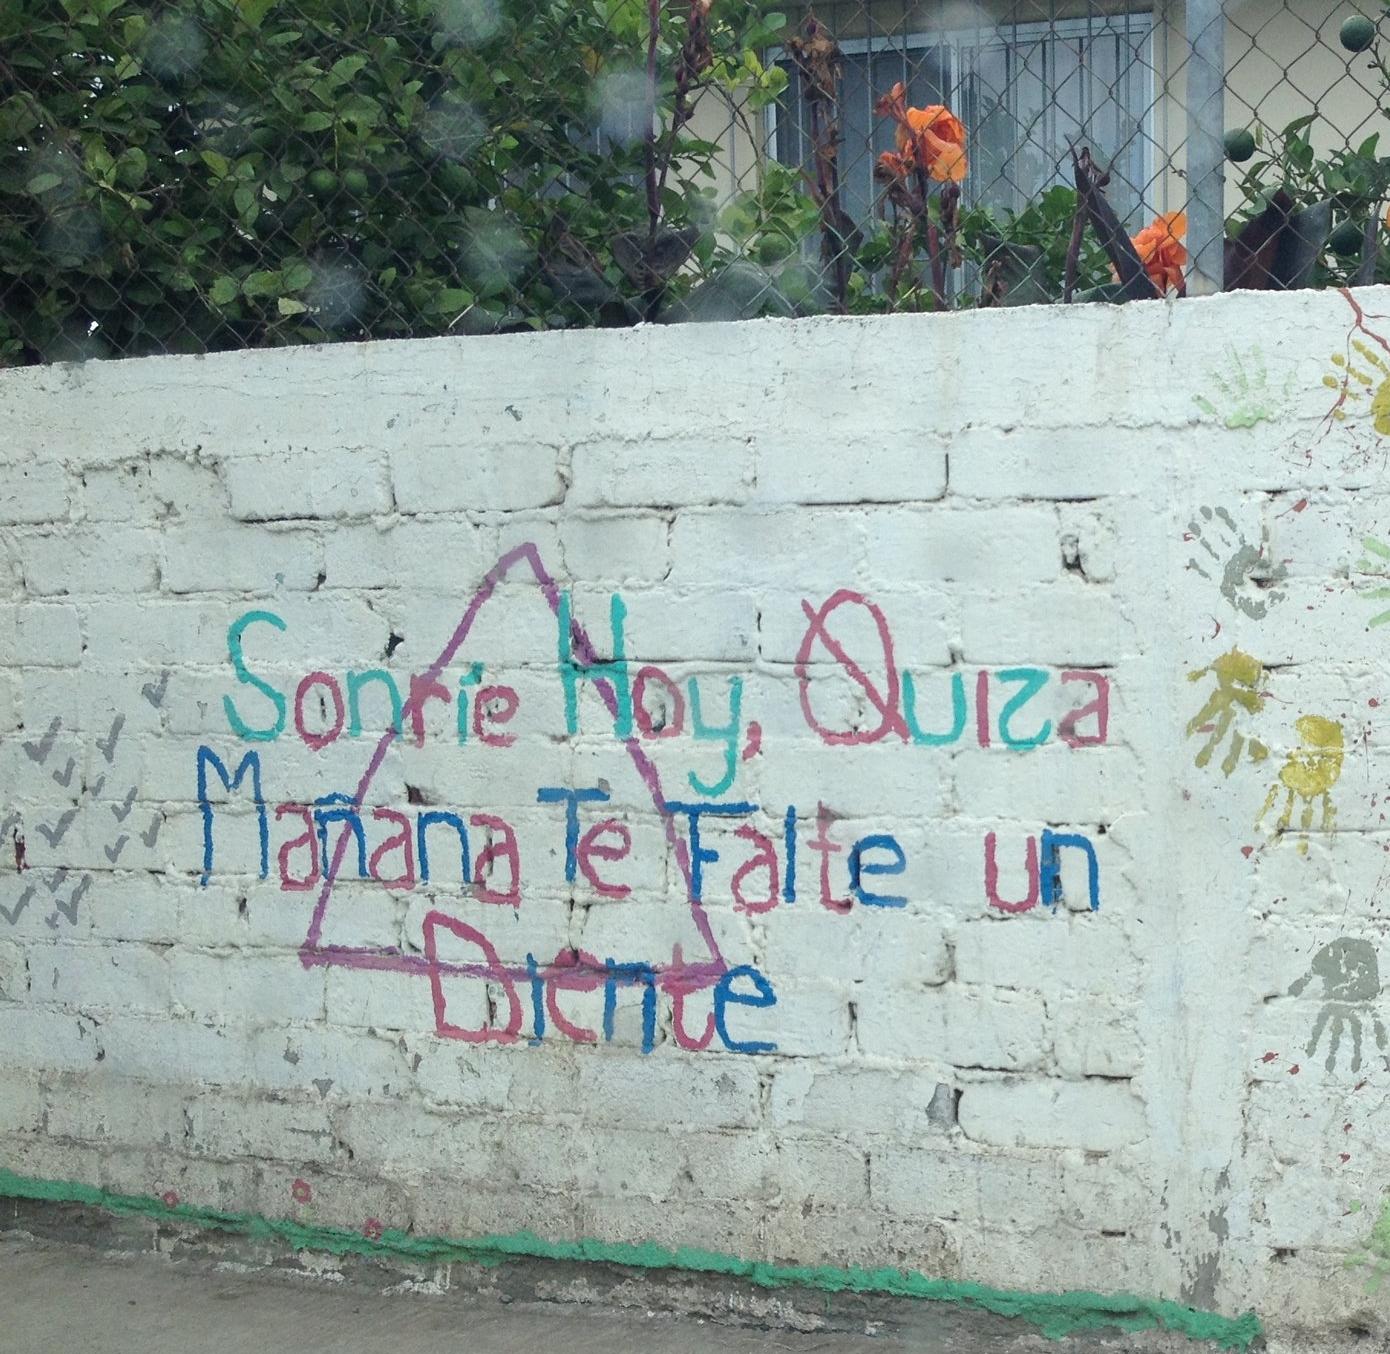 Sonríe hoy, quizá mañana te falte un diente. El muro de la Casa Hogar Santa Rosa de Lima está repleto de pintadas decorativas y frases memorables.